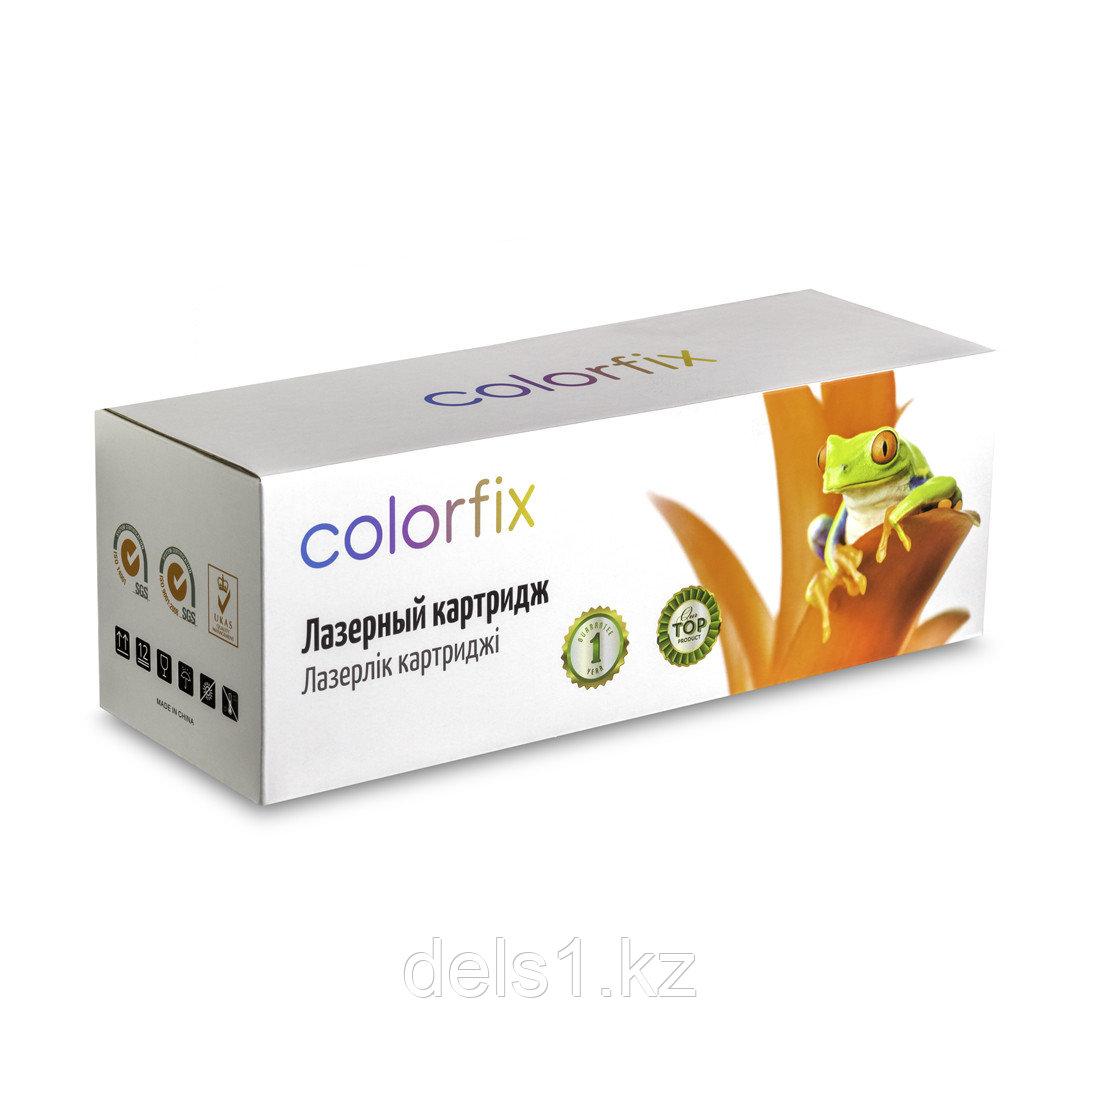 Картридж, Colorfix, MLT-D111S, Для принтеров Samsung SL-M2020/2022/2070, 1500 страниц.